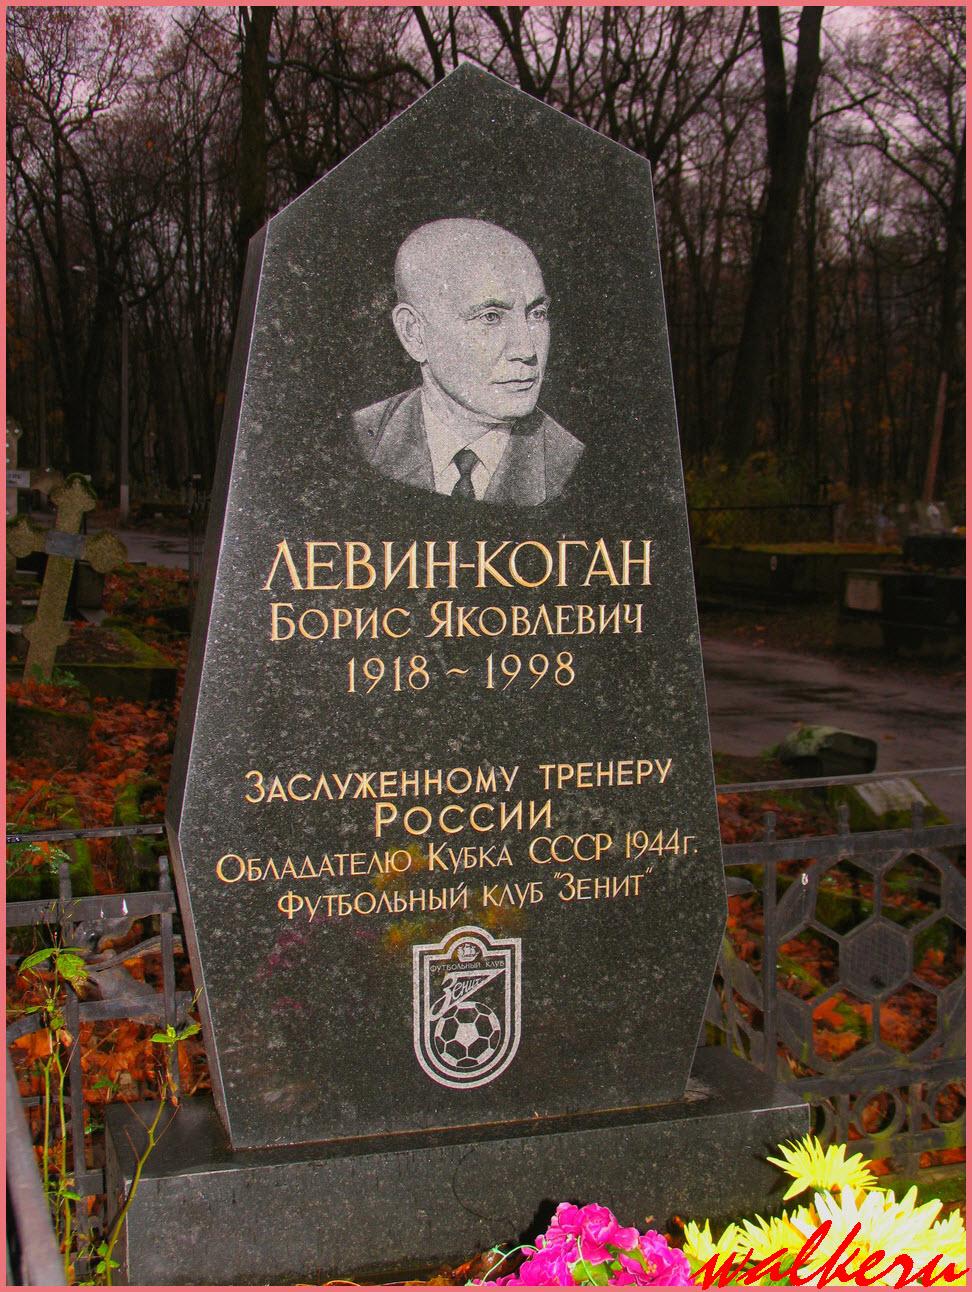 Могила Левина-Когана Б.Я. на Смоленском кладбище